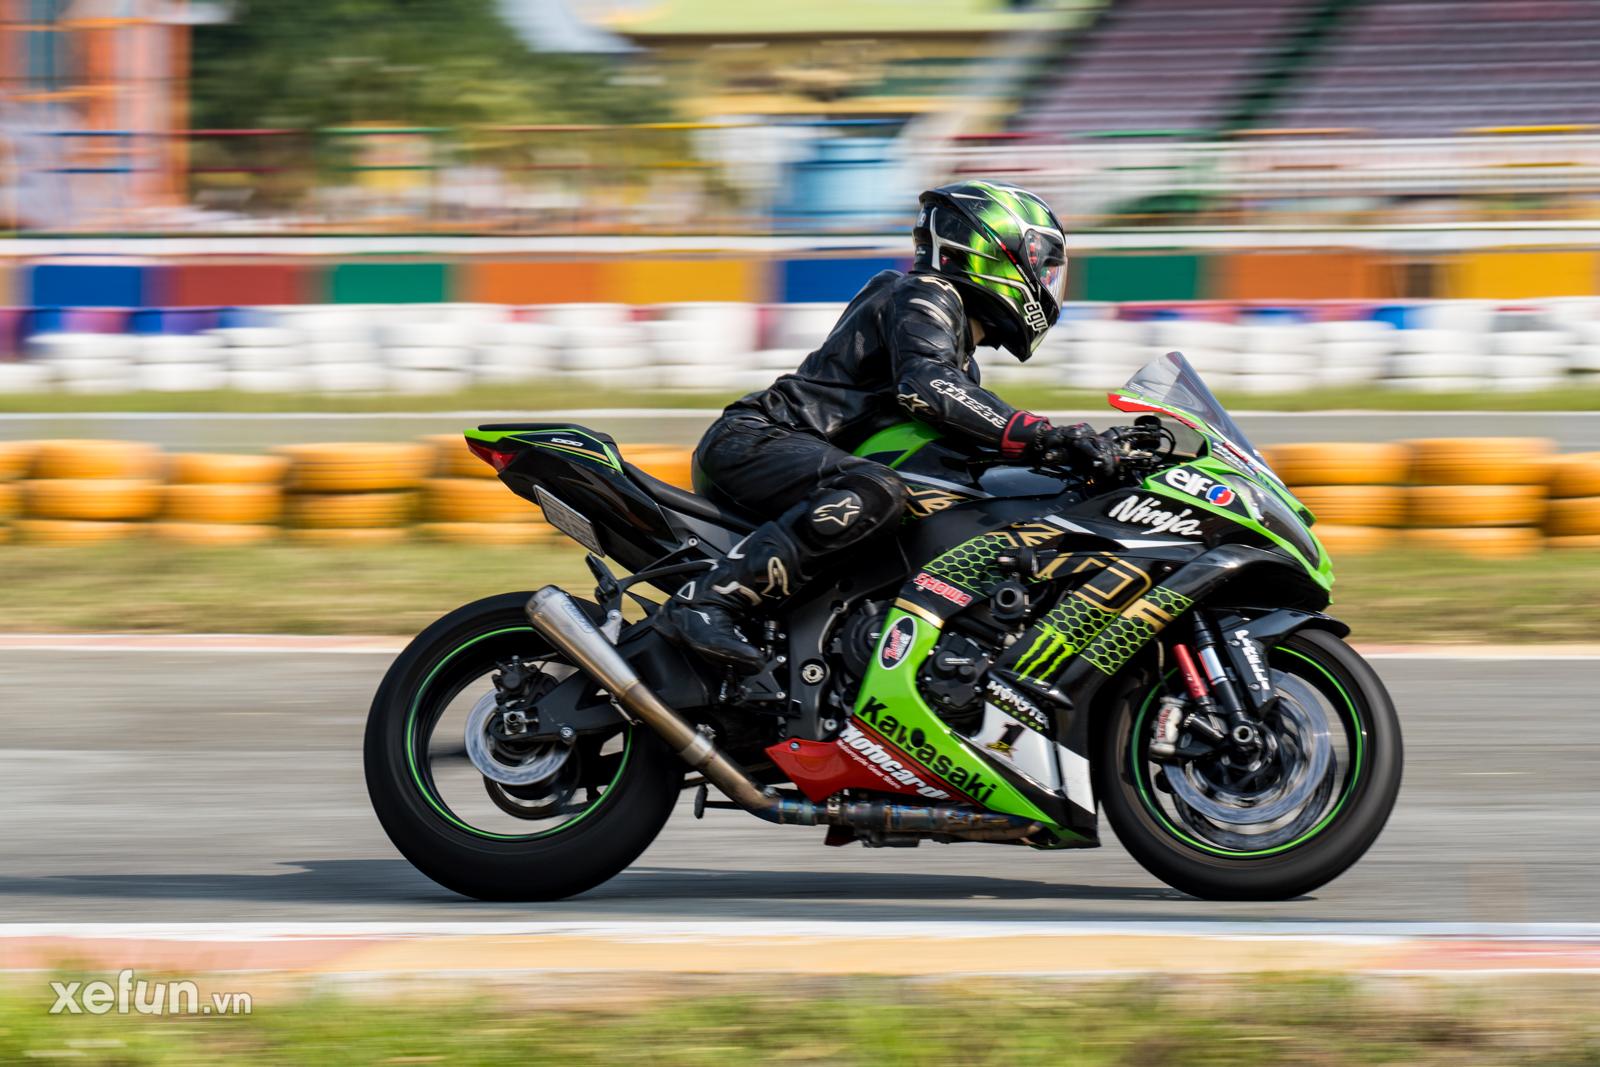 Các tay đua nài xe phân khối lớn PKL BMW S1000RR Ducati Monster Kawasaki Ninja ZX10R tại Trường đua Đại Nam trên Xefun (138)36576